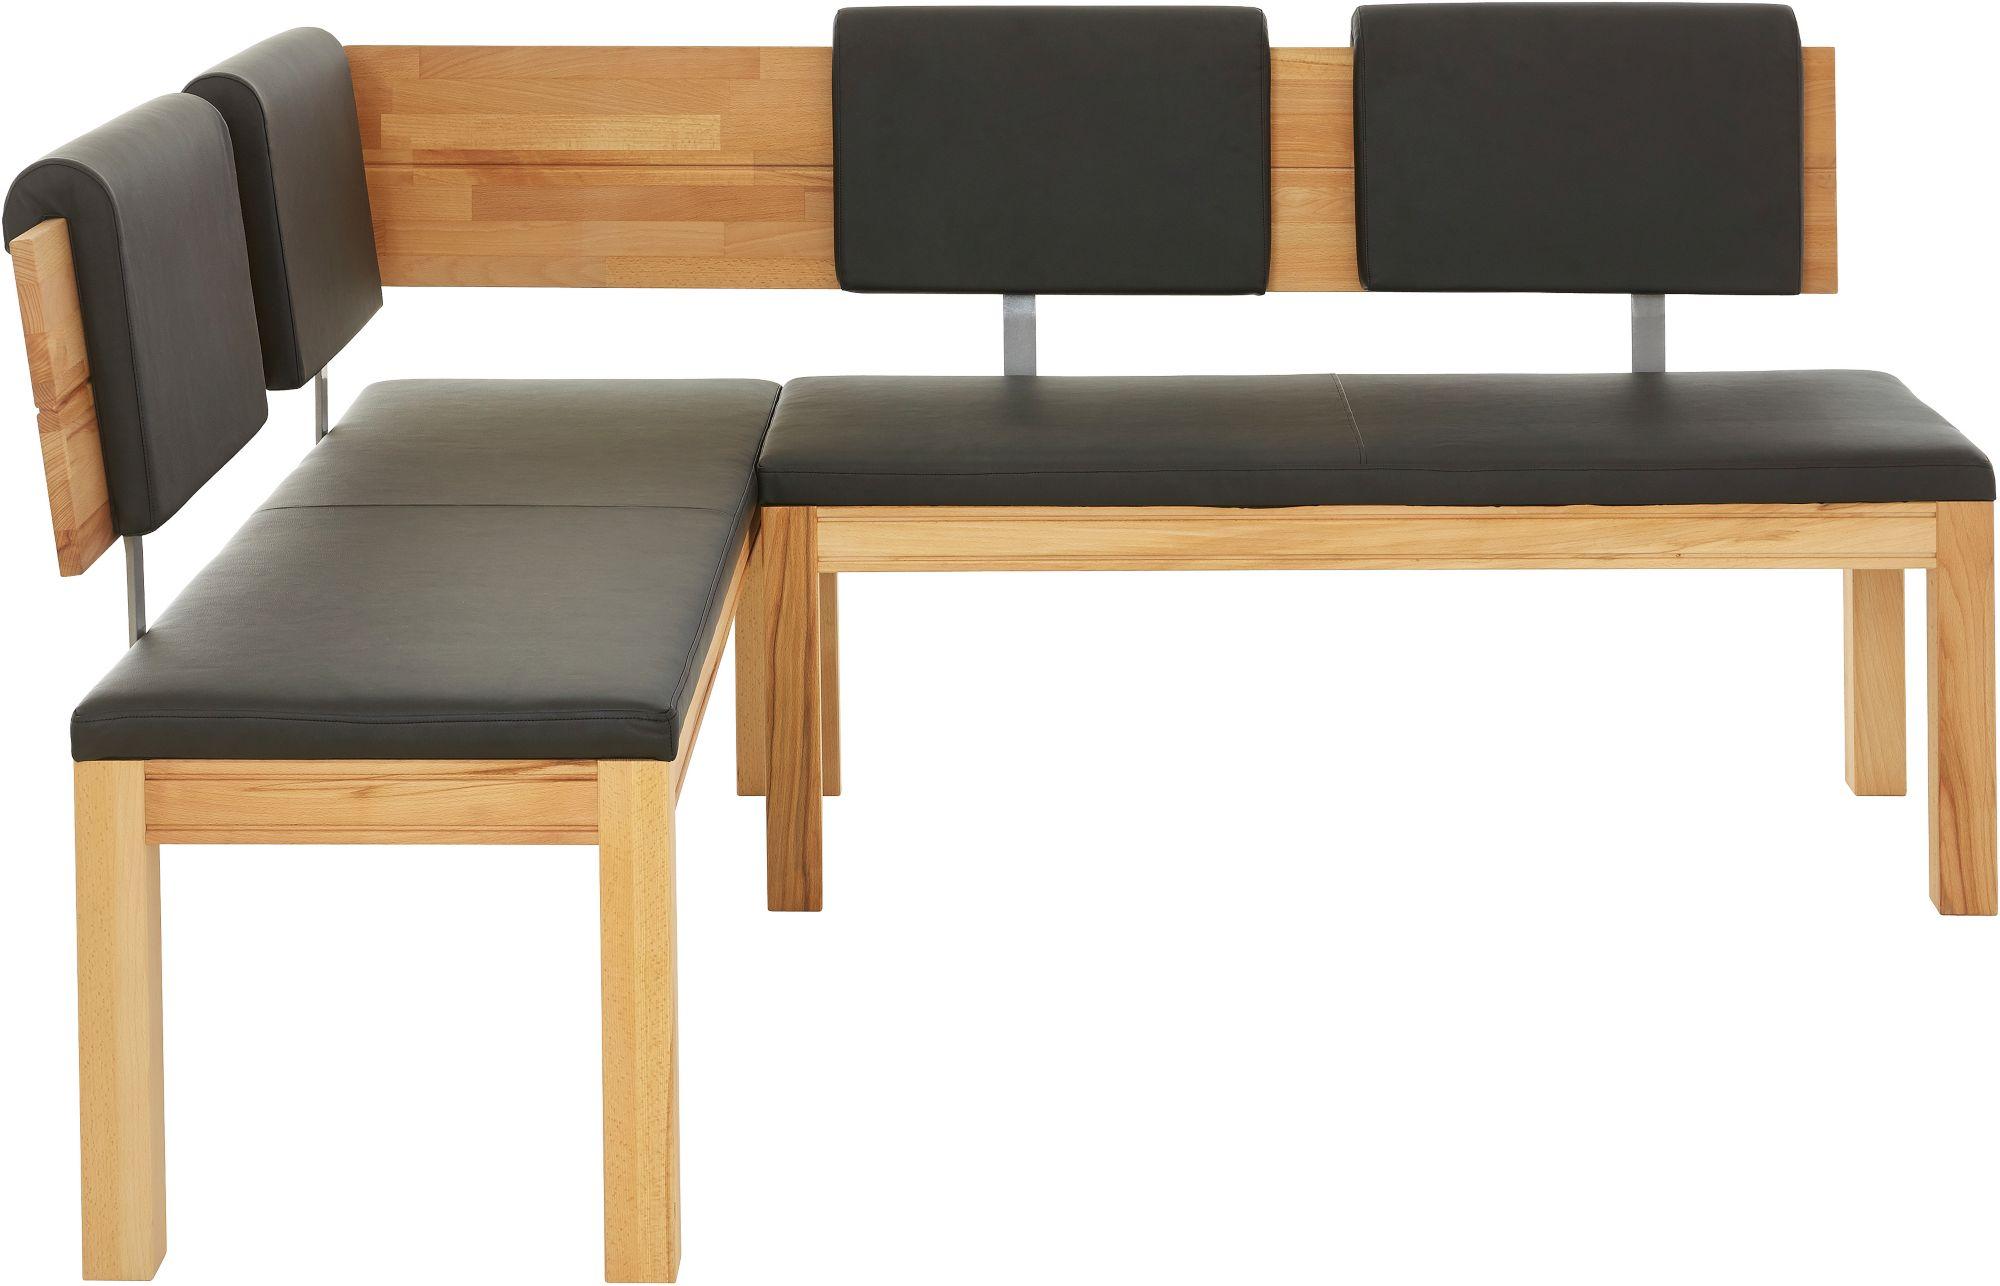 eckbank g nstig online kaufen beim schwab versand. Black Bedroom Furniture Sets. Home Design Ideas